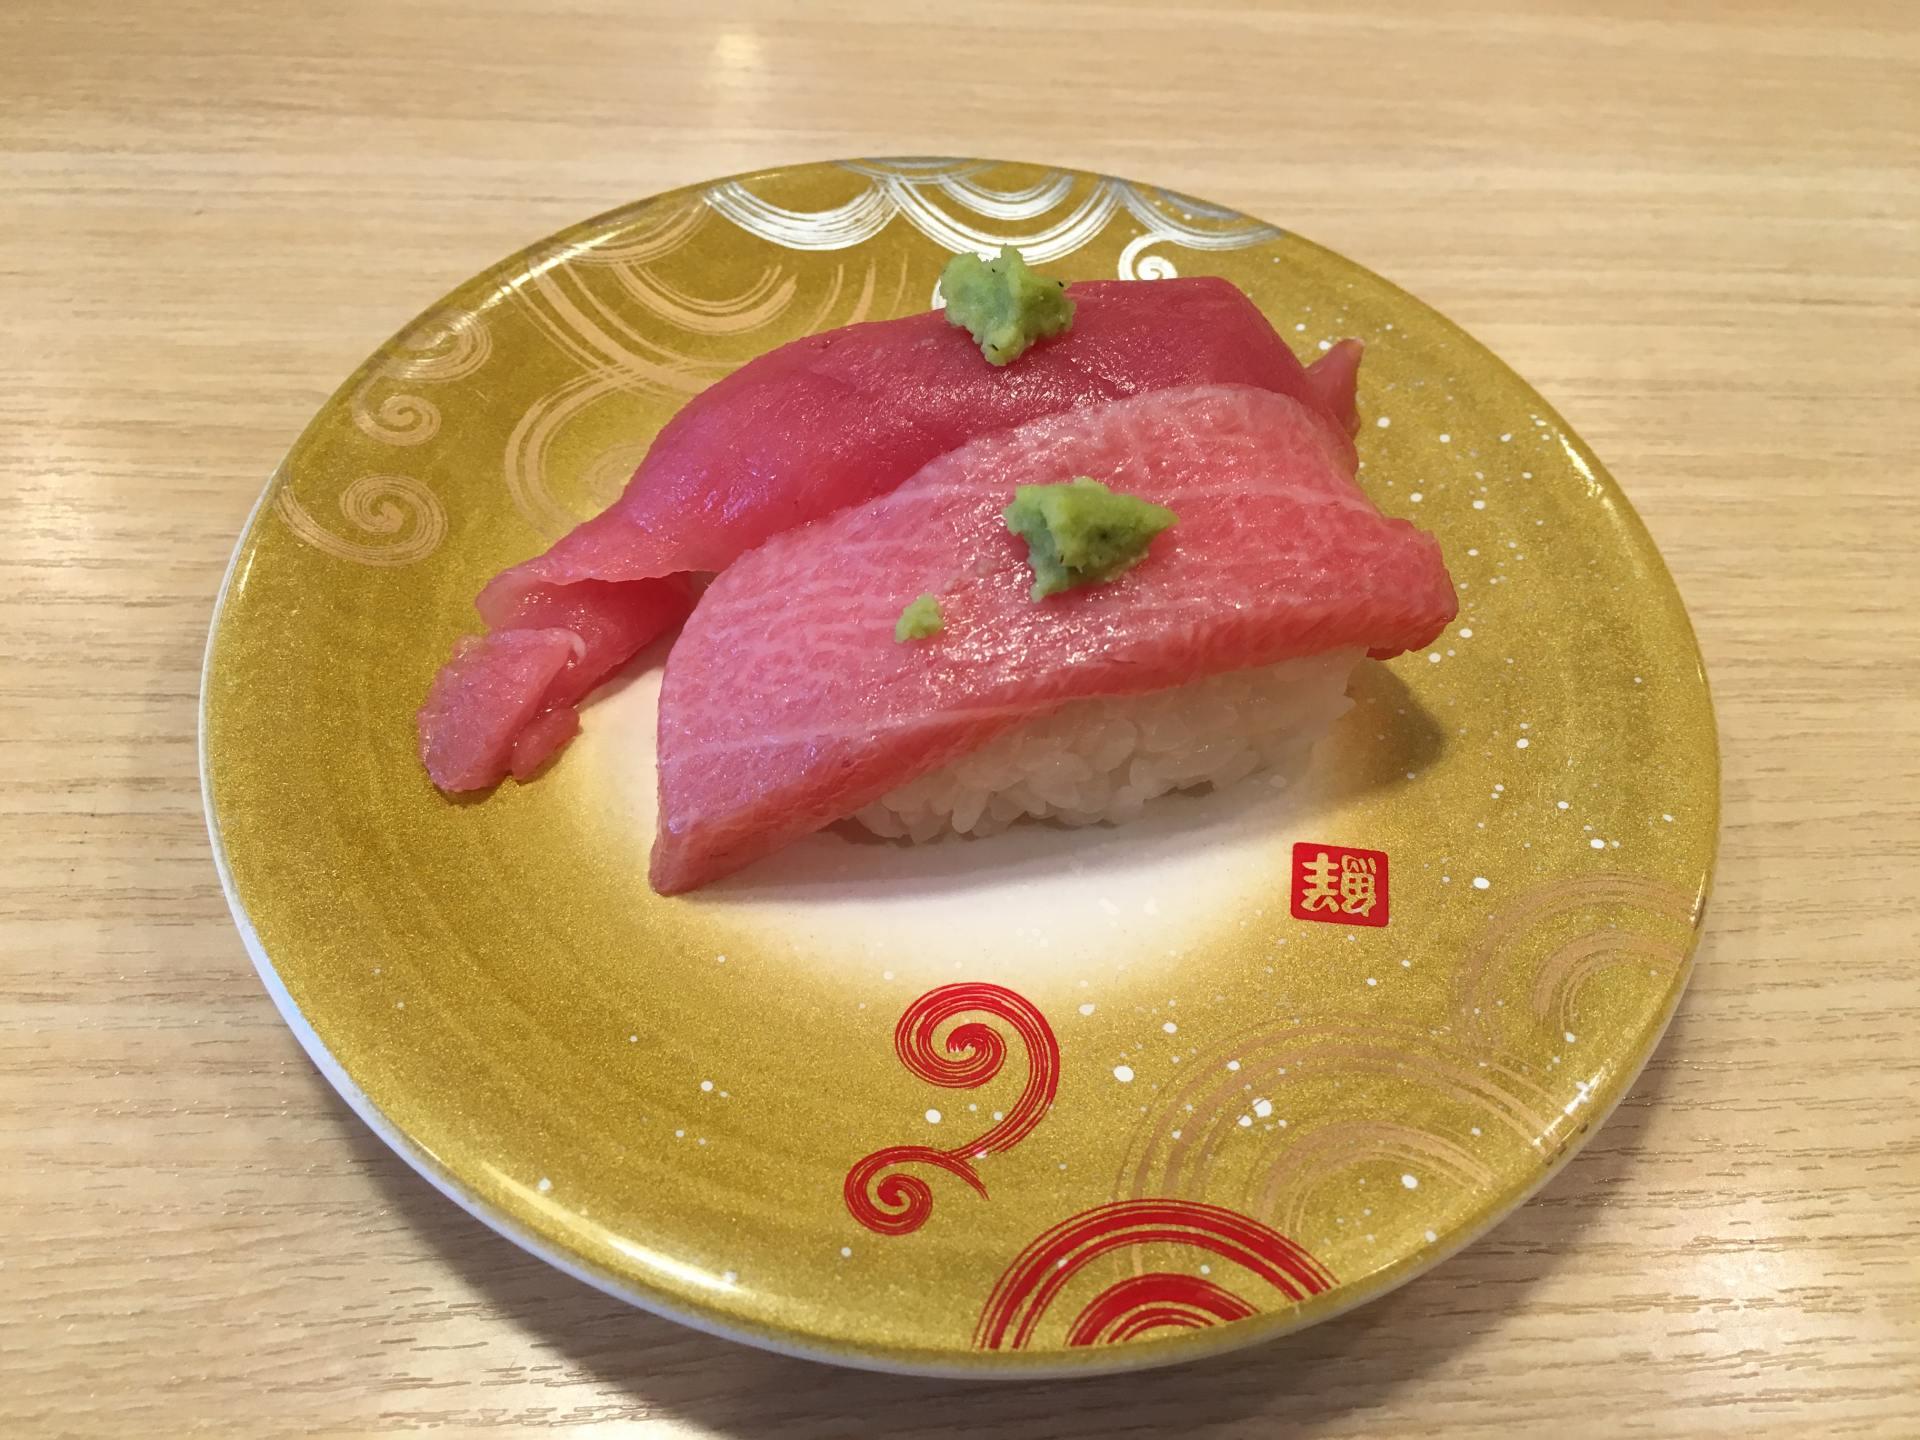 鮪魚(190日圓)